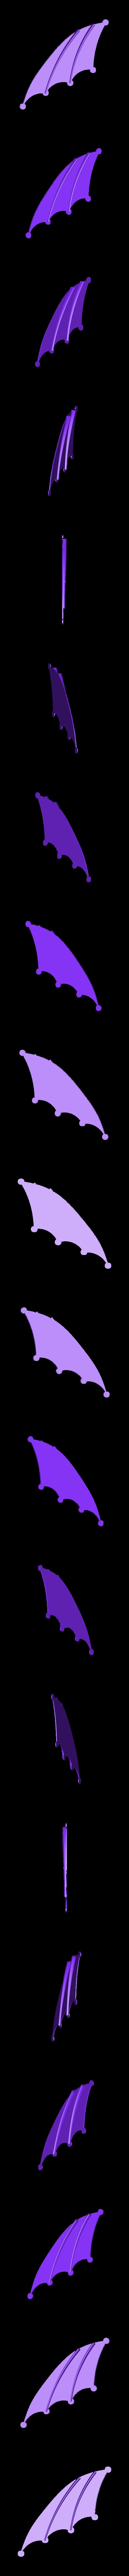 Left_wing_2.stl Télécharger fichier STL gratuit Le cerf-volant de DaVinci • Plan pour imprimante 3D, Beardoric